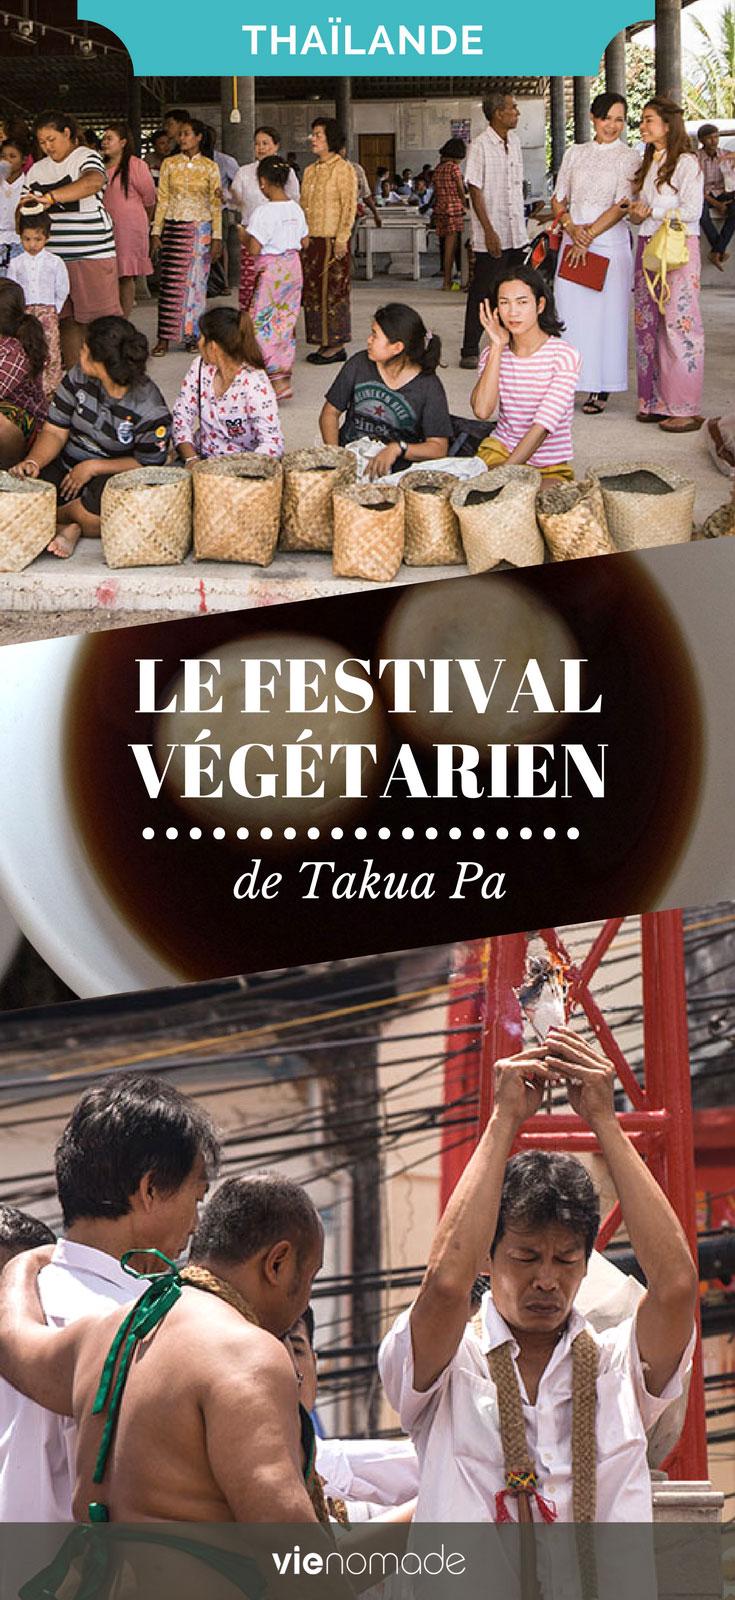 Le festival végétarien en Thaïlande